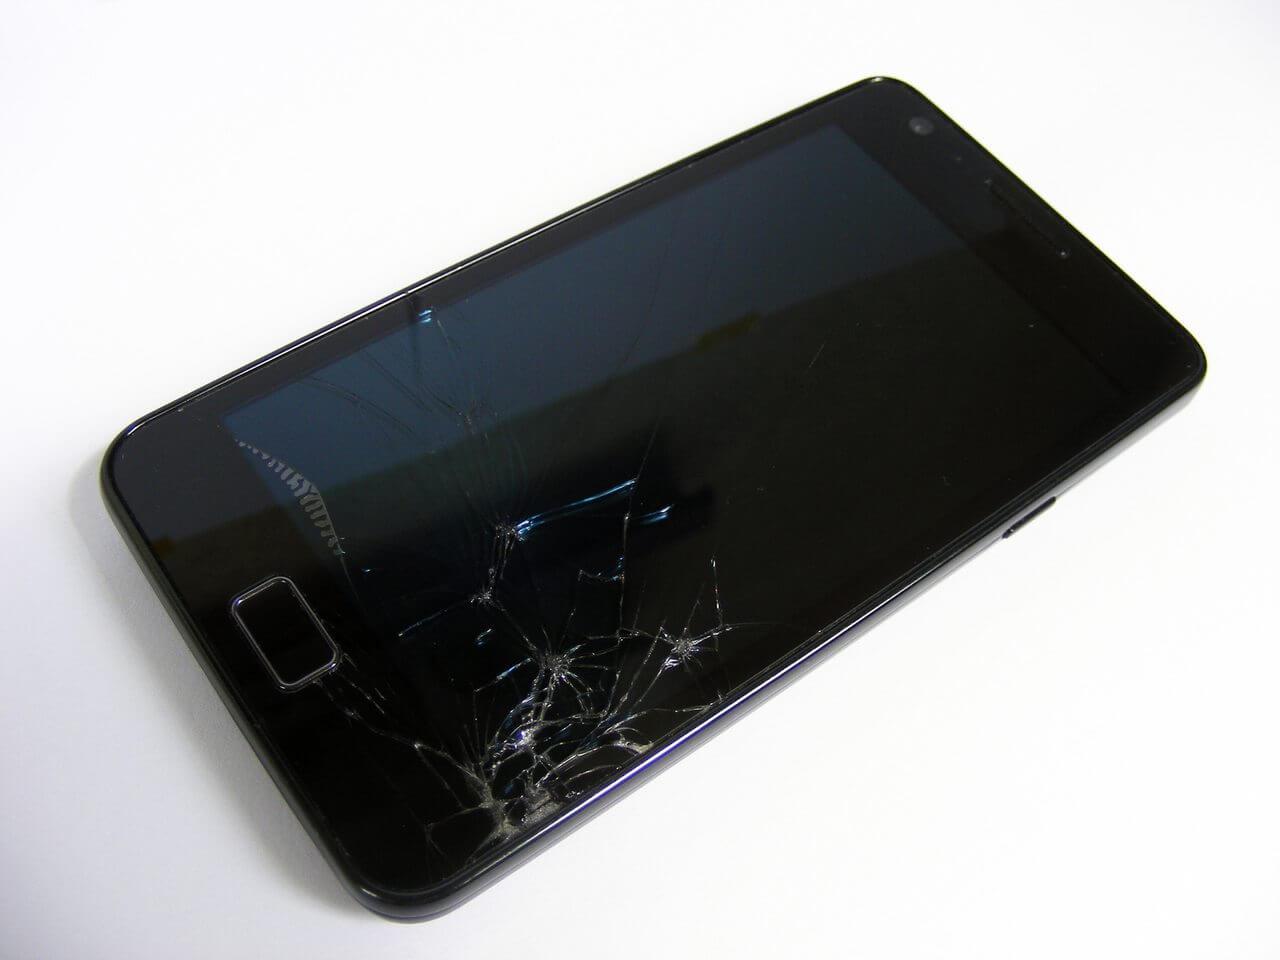 broken phone 1241554 1280x960